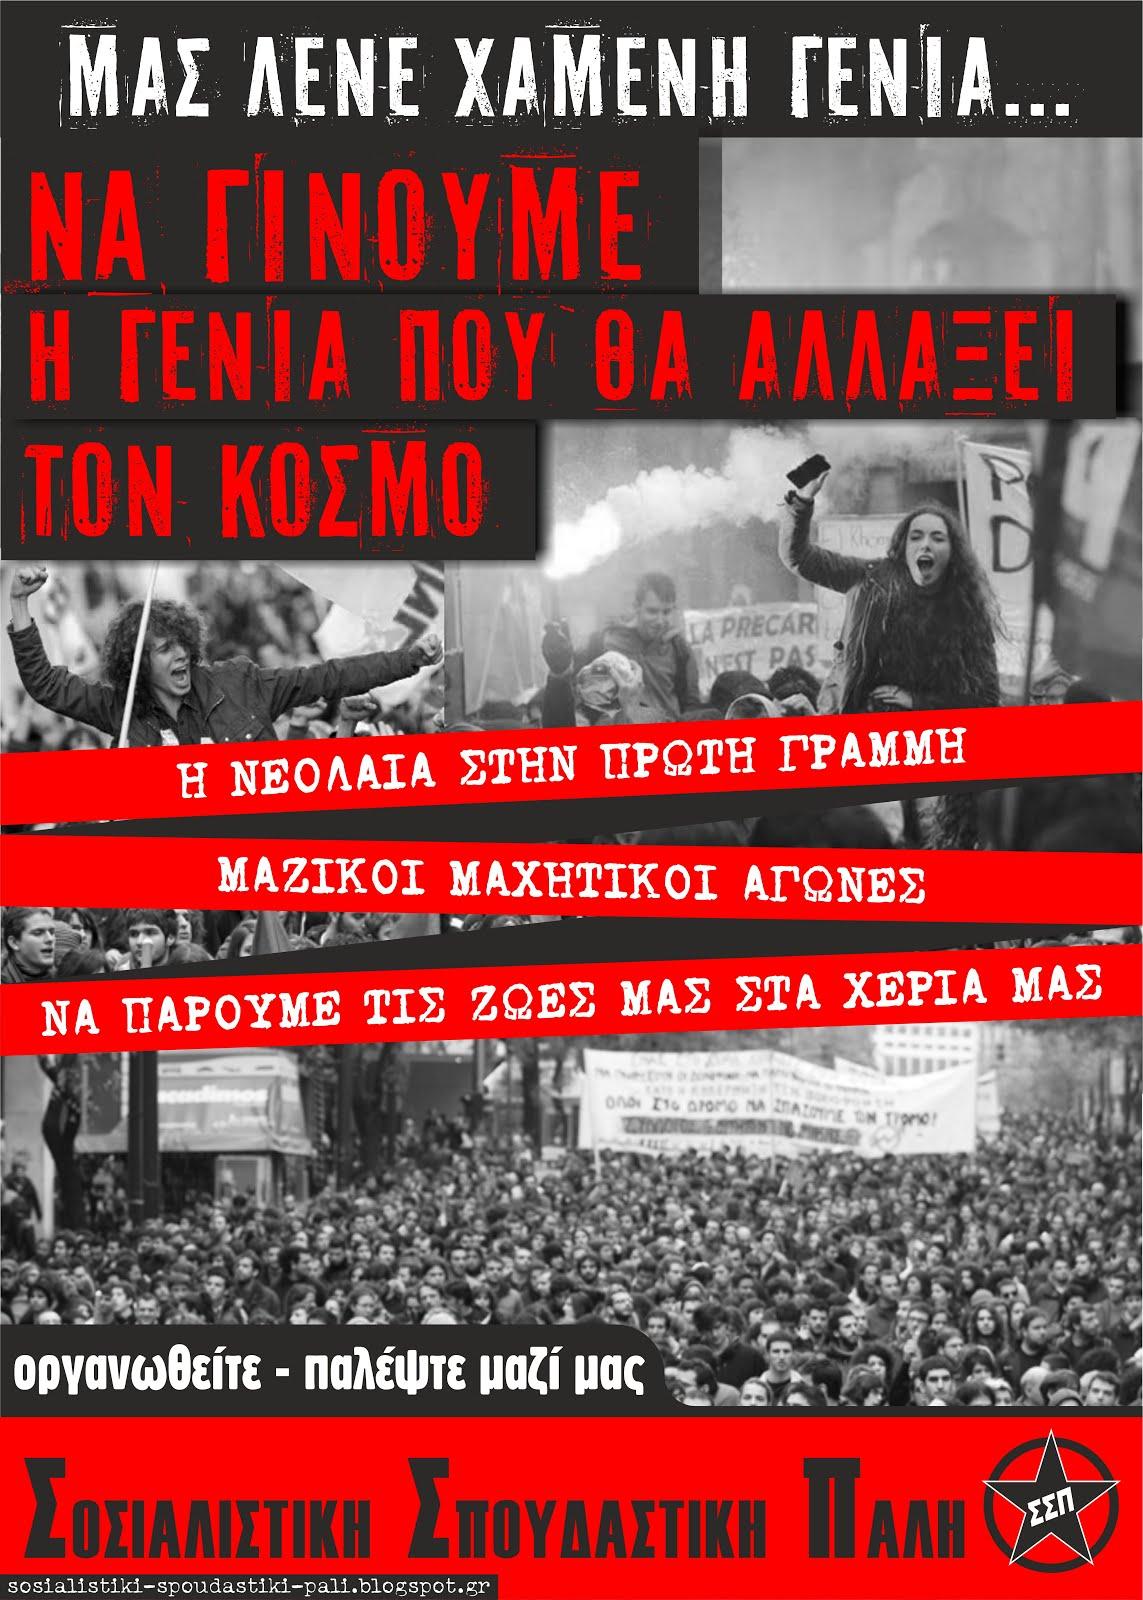 Στις φοιτητικές εκλογές 24 Μαΐου , στηρίζουμε-ψηφίζουμε ΣΣΠ